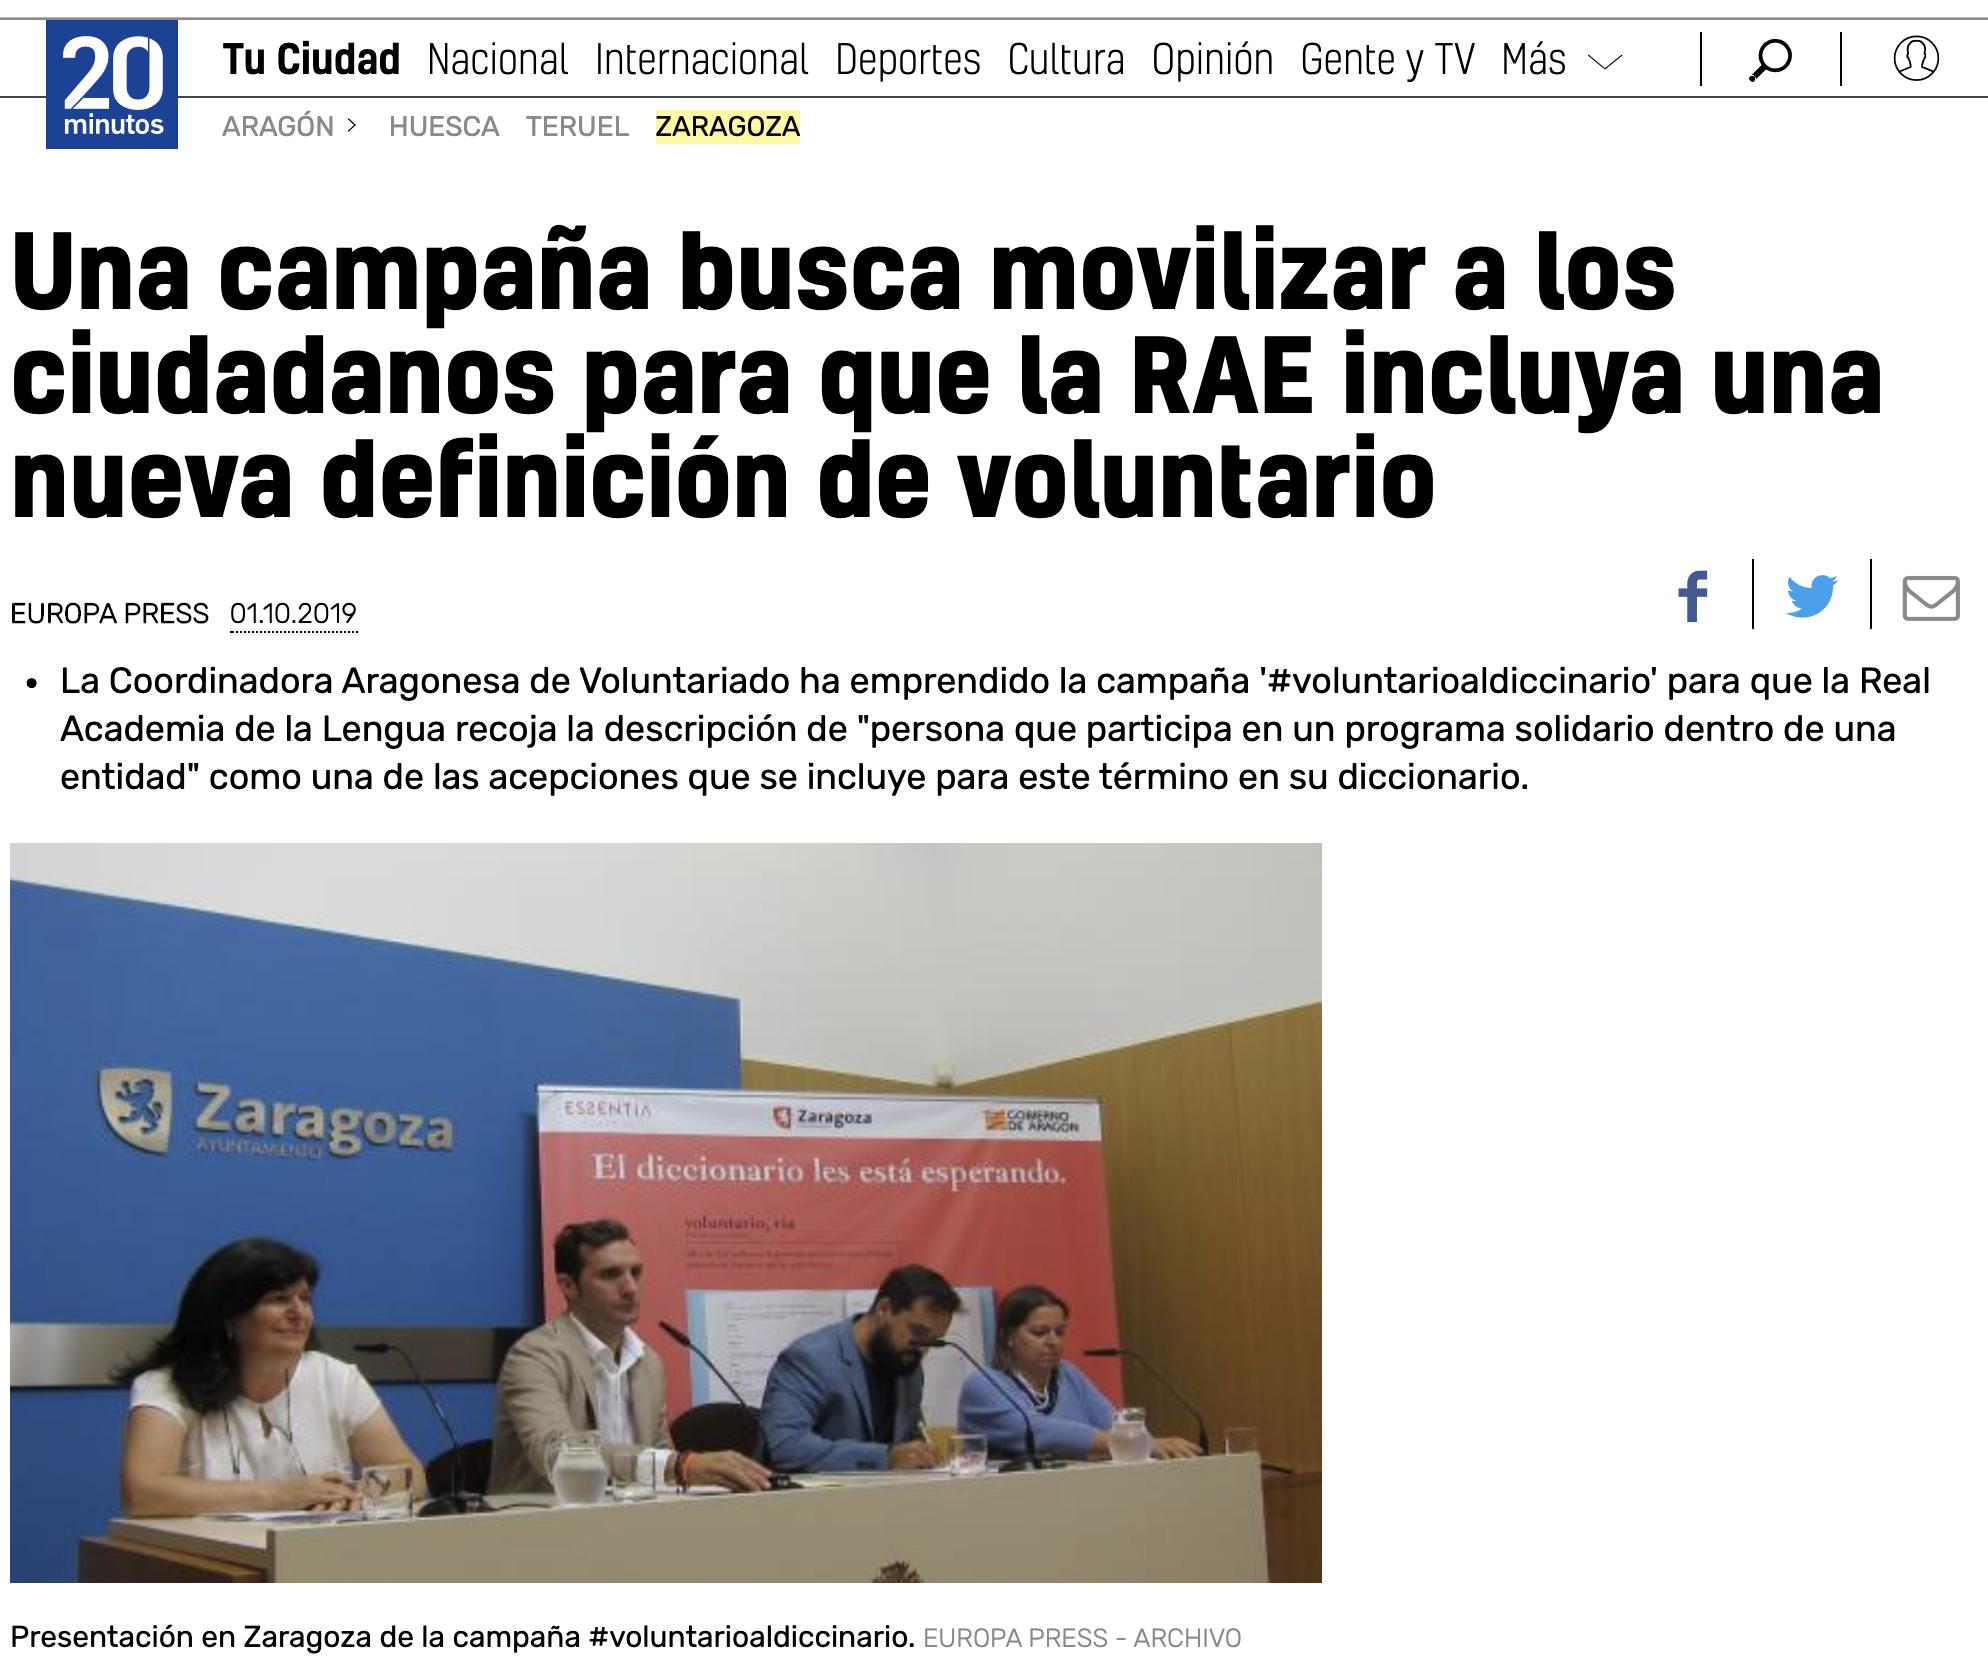 20 minutos: Una campaña busca movilizar a los ciudadanos para que la RAE incluya una nueva definición de voluntario.